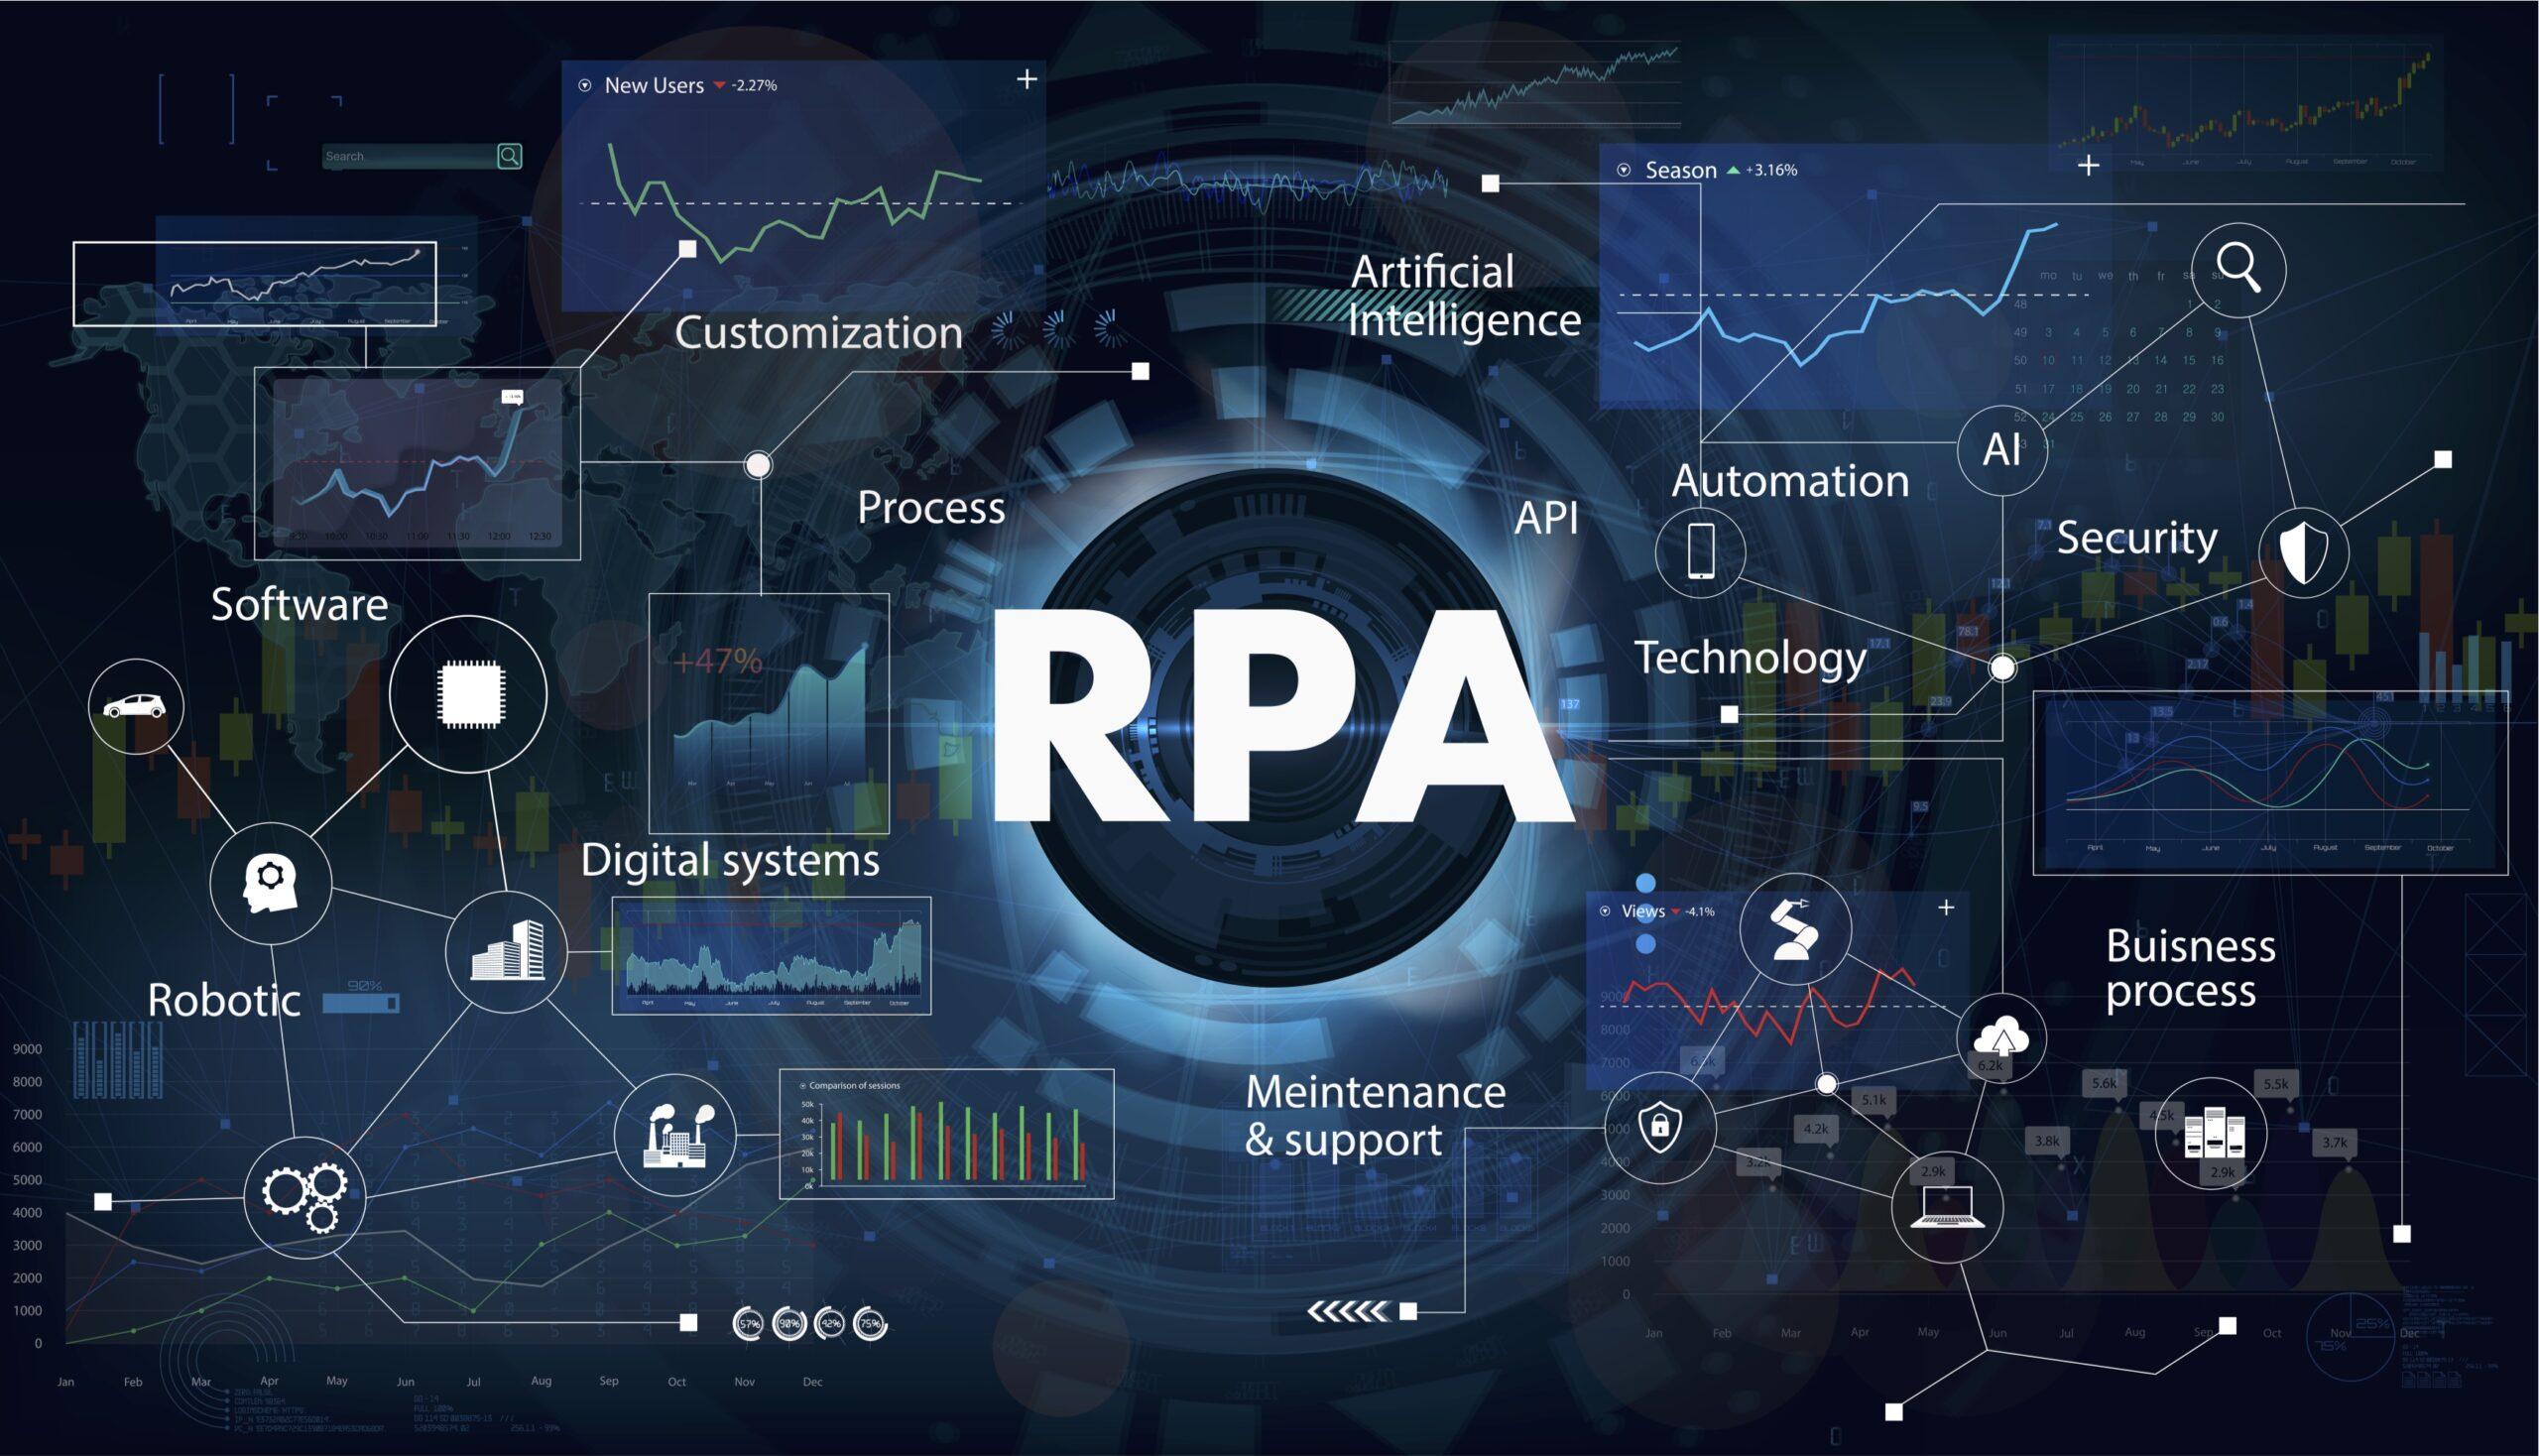 RPAで建設業界が変わる?導入のメリットを詳しく解説